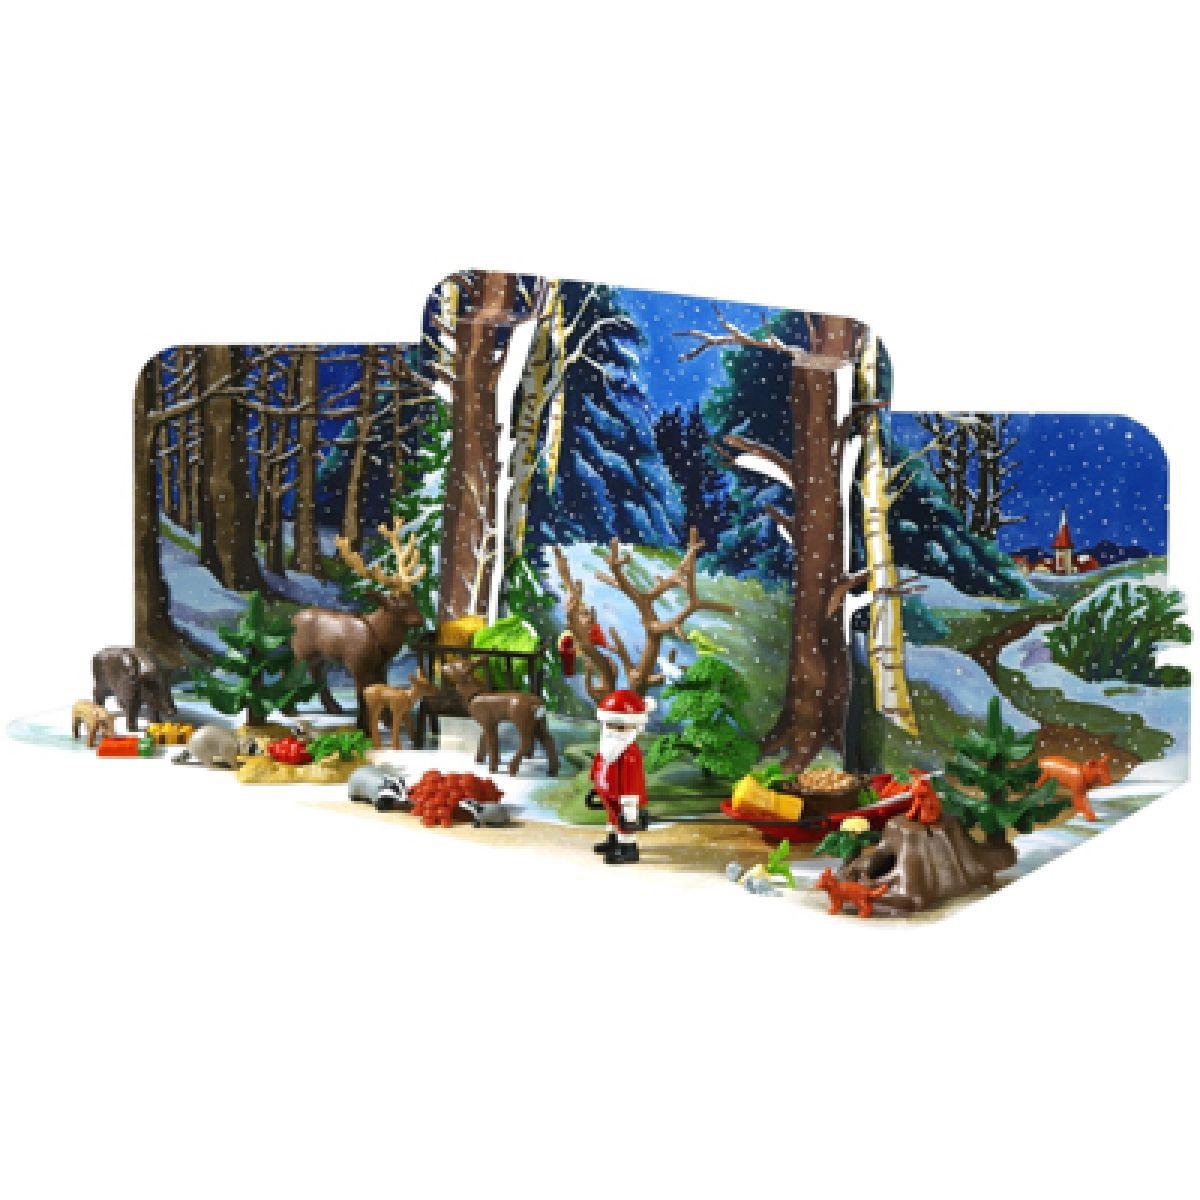 Adventní kalendář Vánoce v lese Playmobil #2